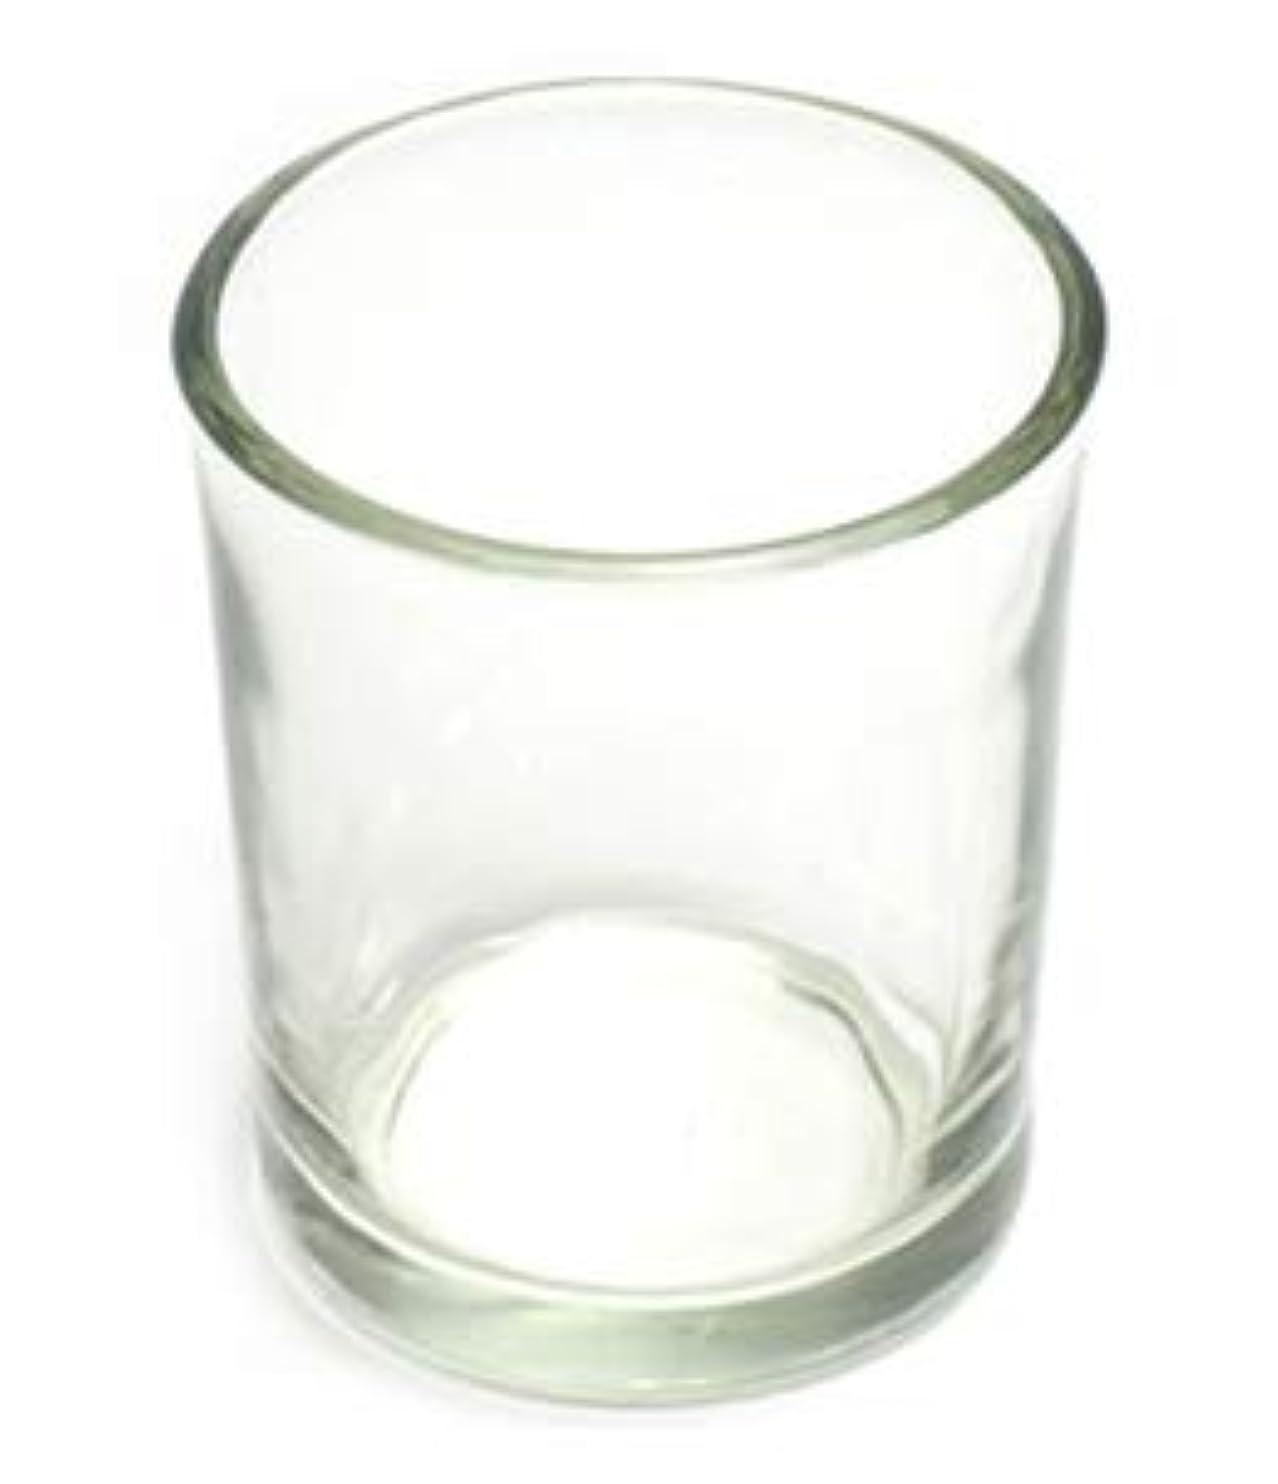 いらいらさせるねじれ悩むキャンドルホルダー ガラス シンプル[小] 192個【キャンドルスタンド 透明 クリア おしゃれ ろうそく立て】